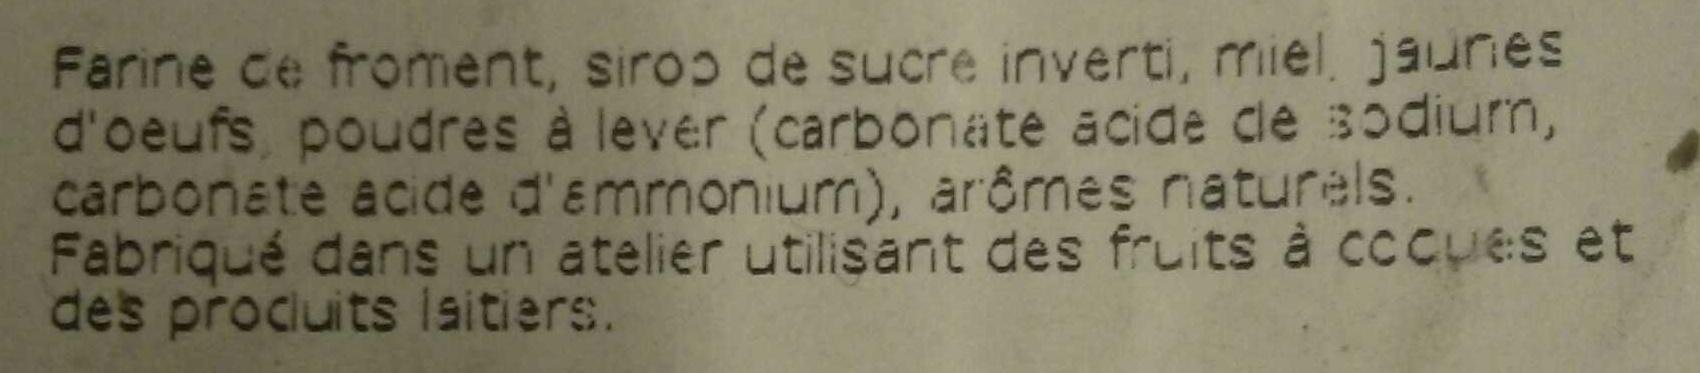 Véritable Pain d'épices de Dijon - Ingrédients - fr